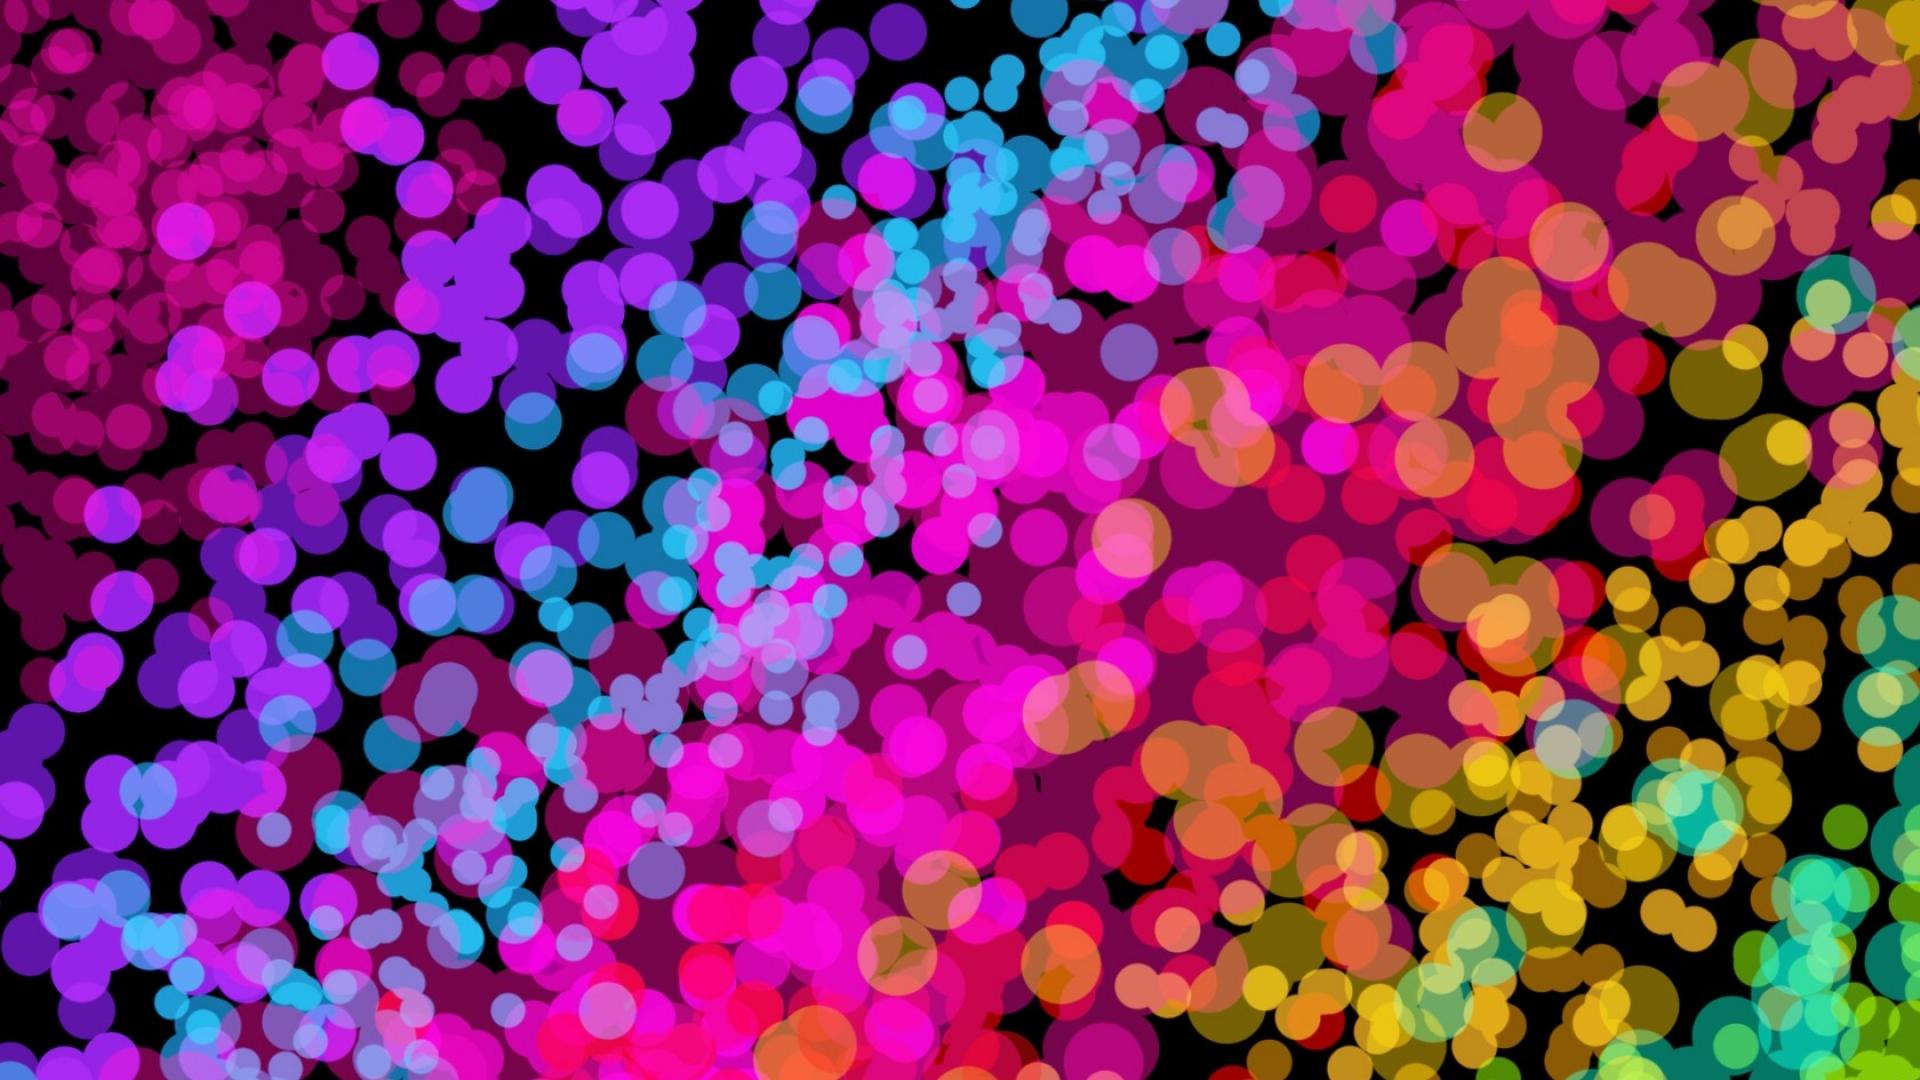 Bright Color Wallpaper